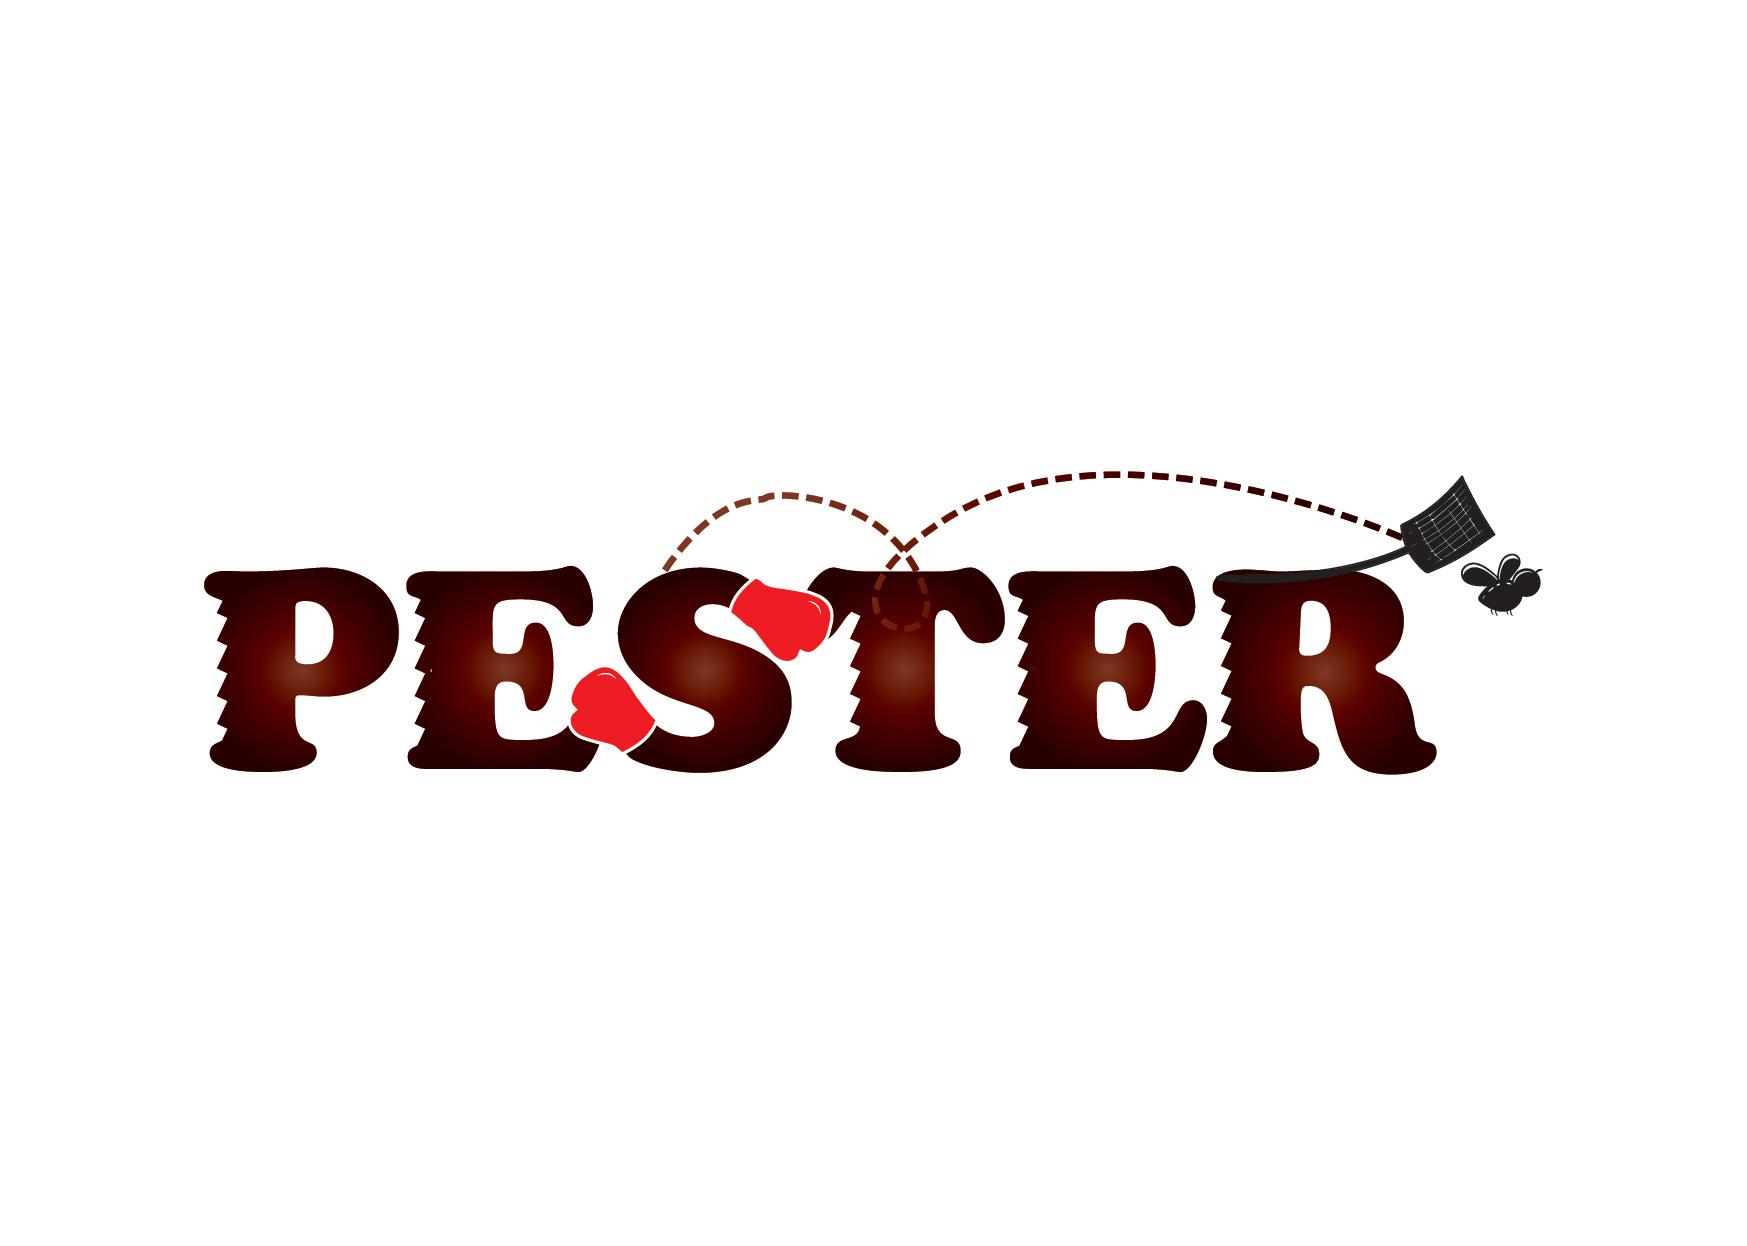 Pester (2017)